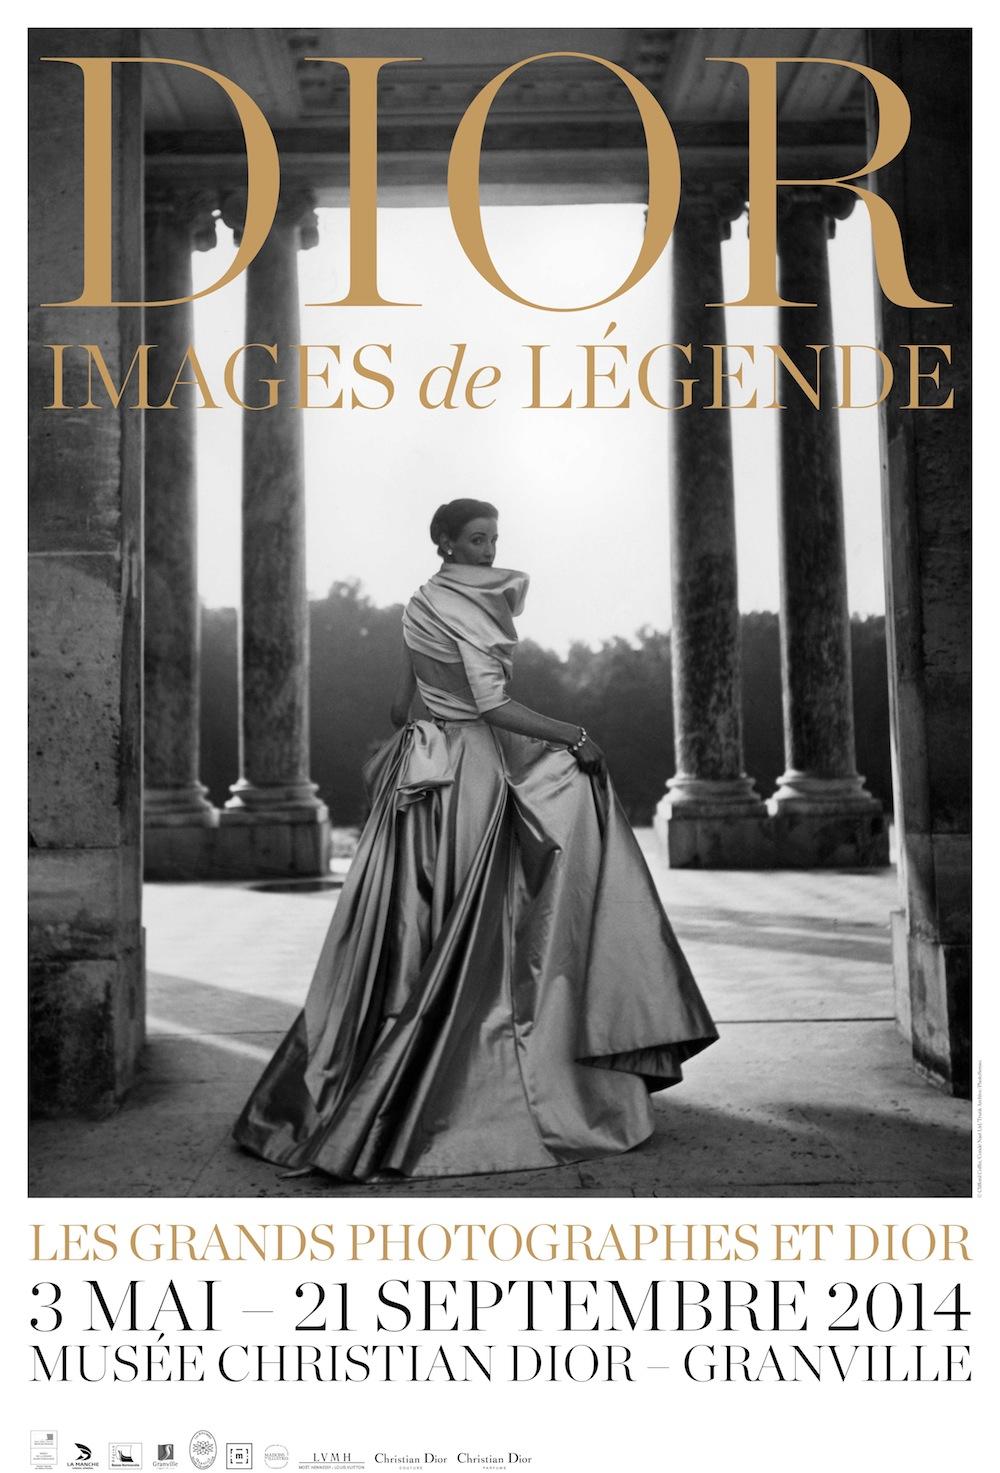 """""""Dior, images de légende"""", una exposición sobre el legado de Christian Dior"""